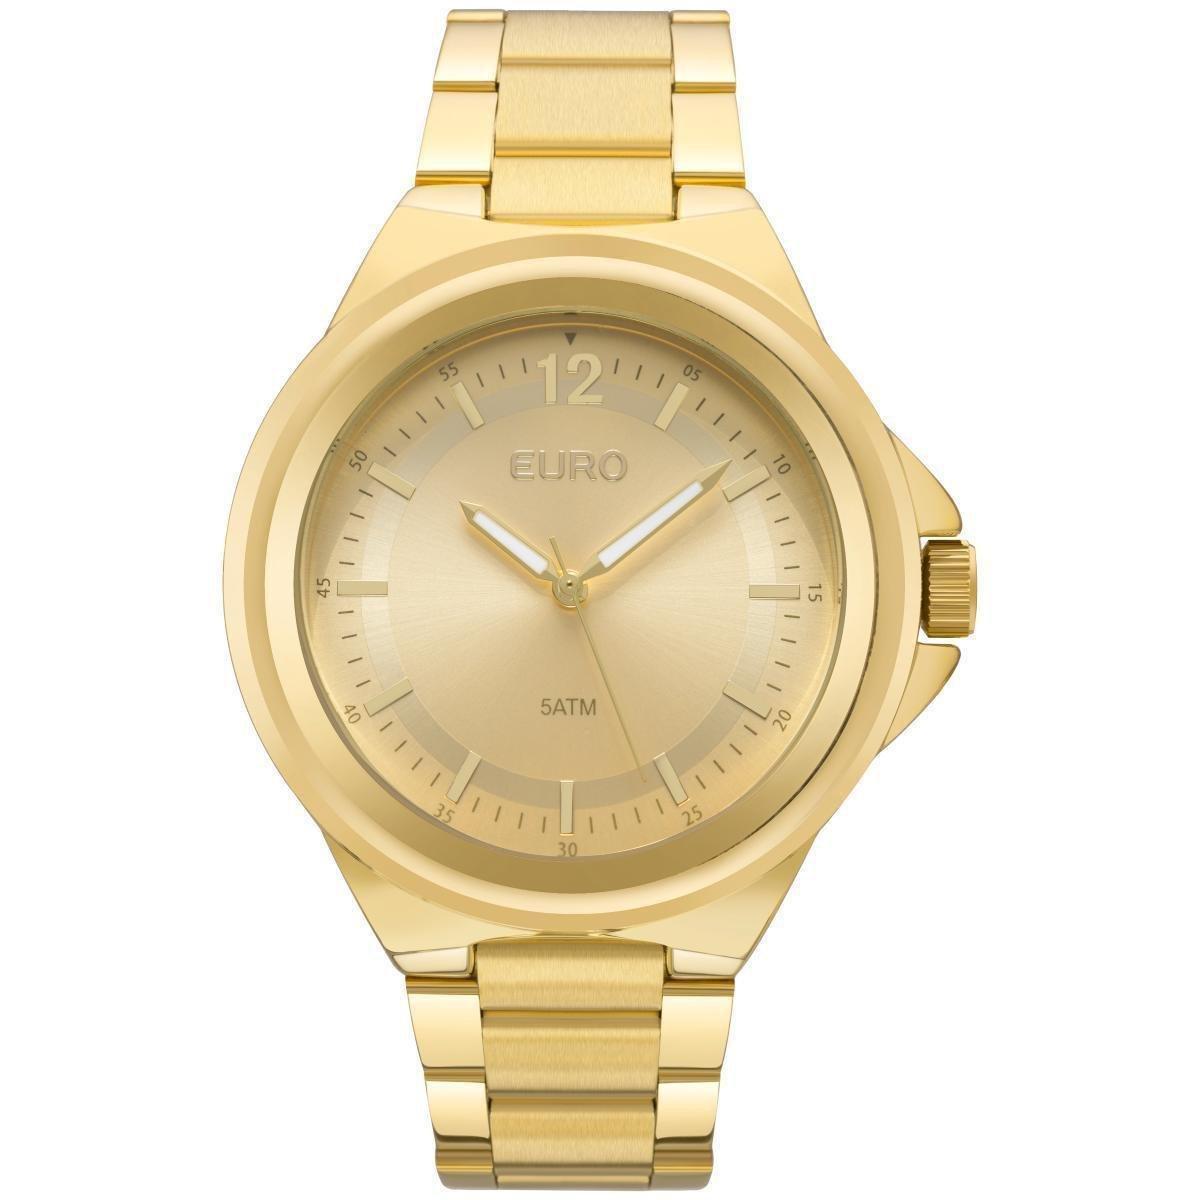 Relógio Feminino Euro EU2039JC 4Y Pulseria Aço Dourada - Dourado ... 63ff8f6fa8